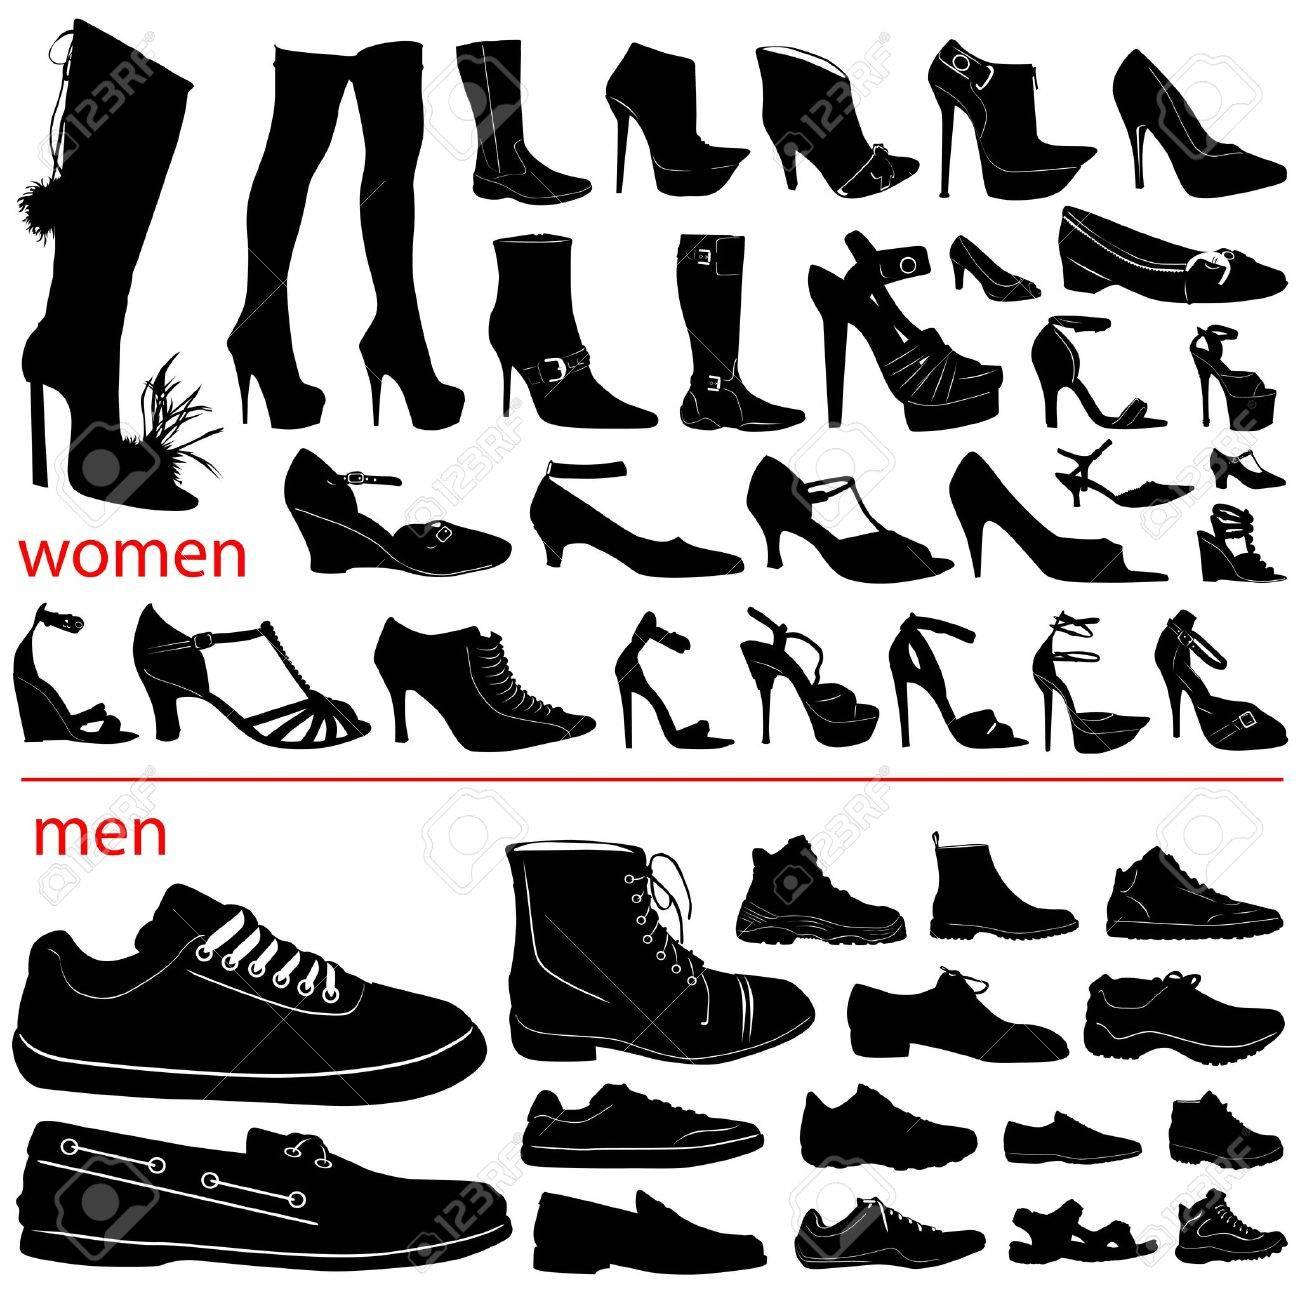 women and men shoes vector Stock Vector - 9505707